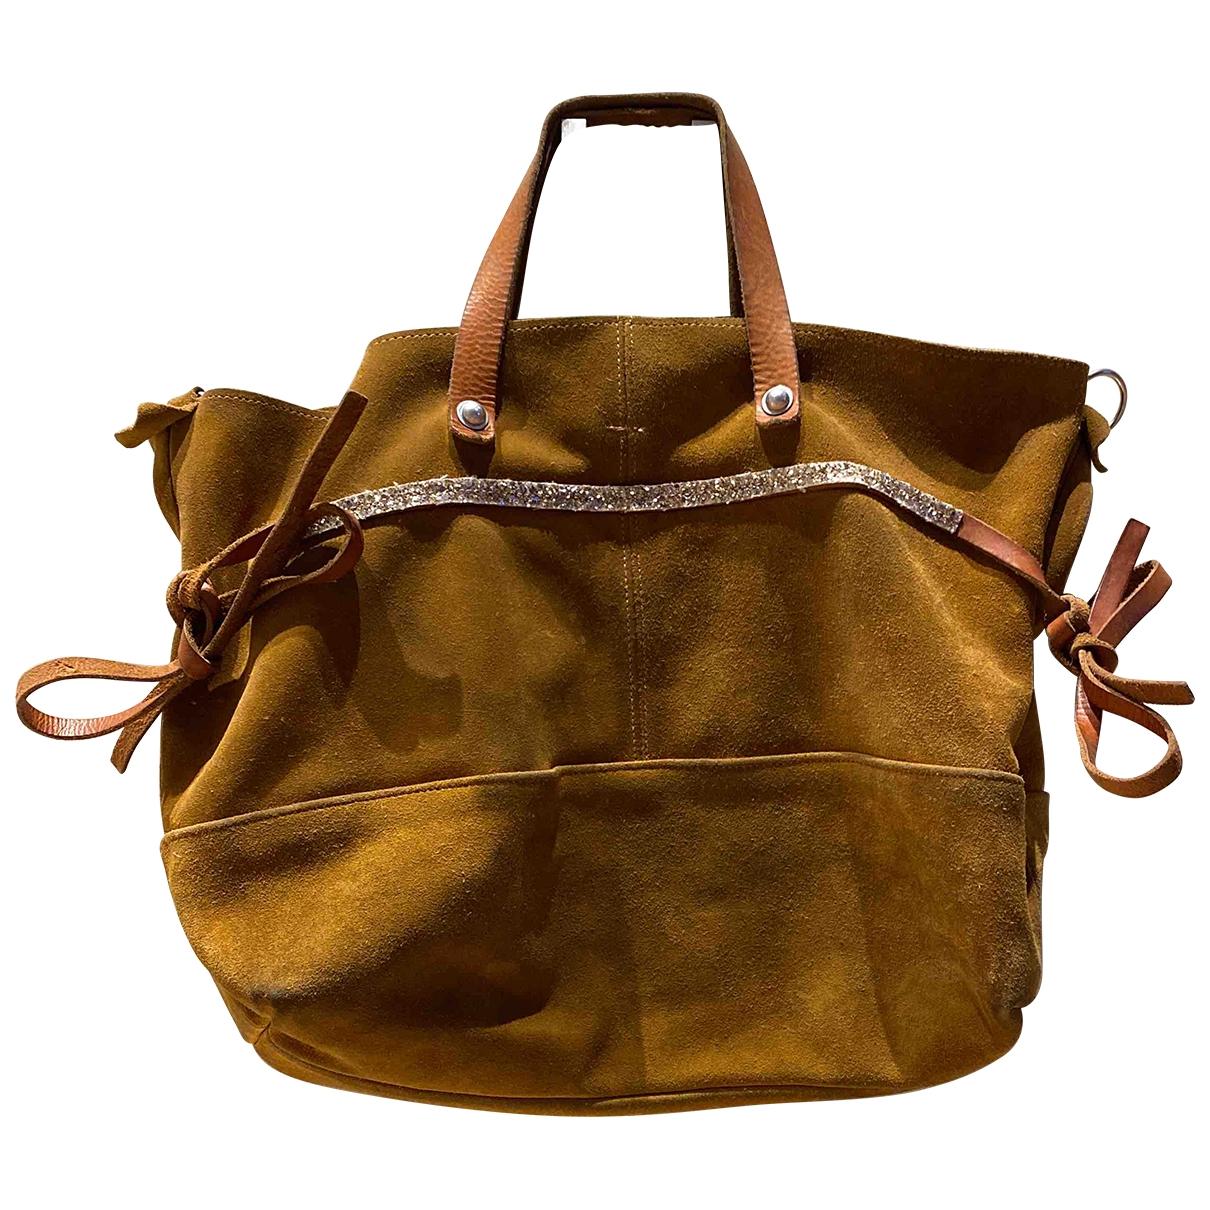 Estellon \N Handtasche in  Kamel Leder